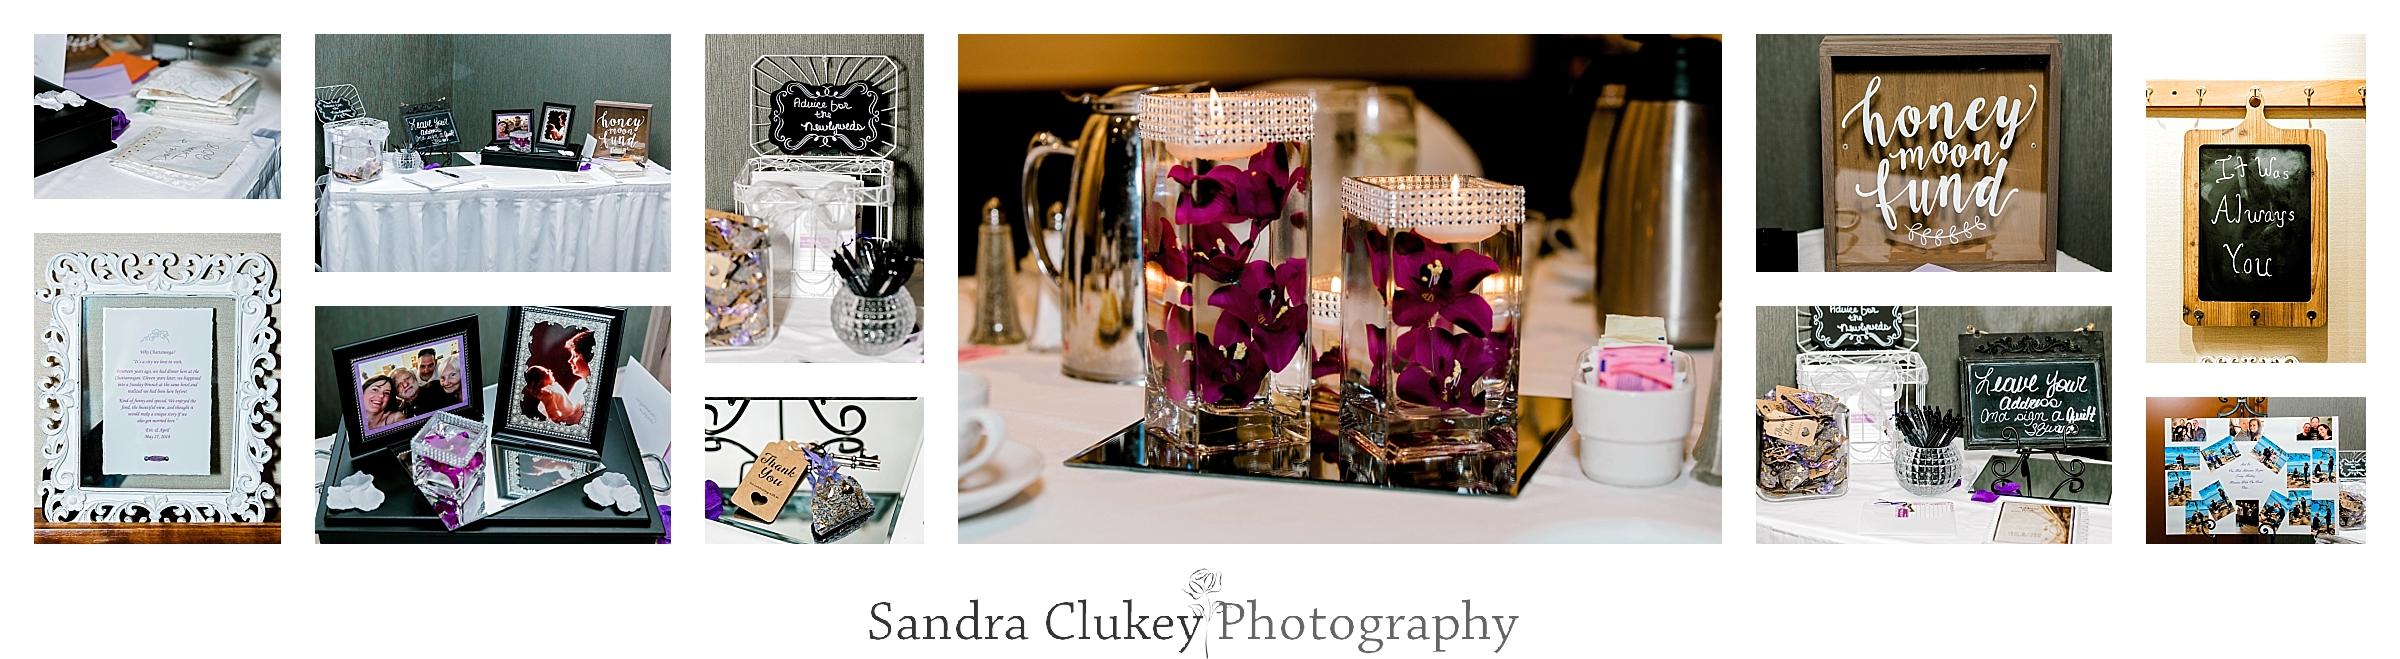 Sandra Clukey Photography_1909.jpg